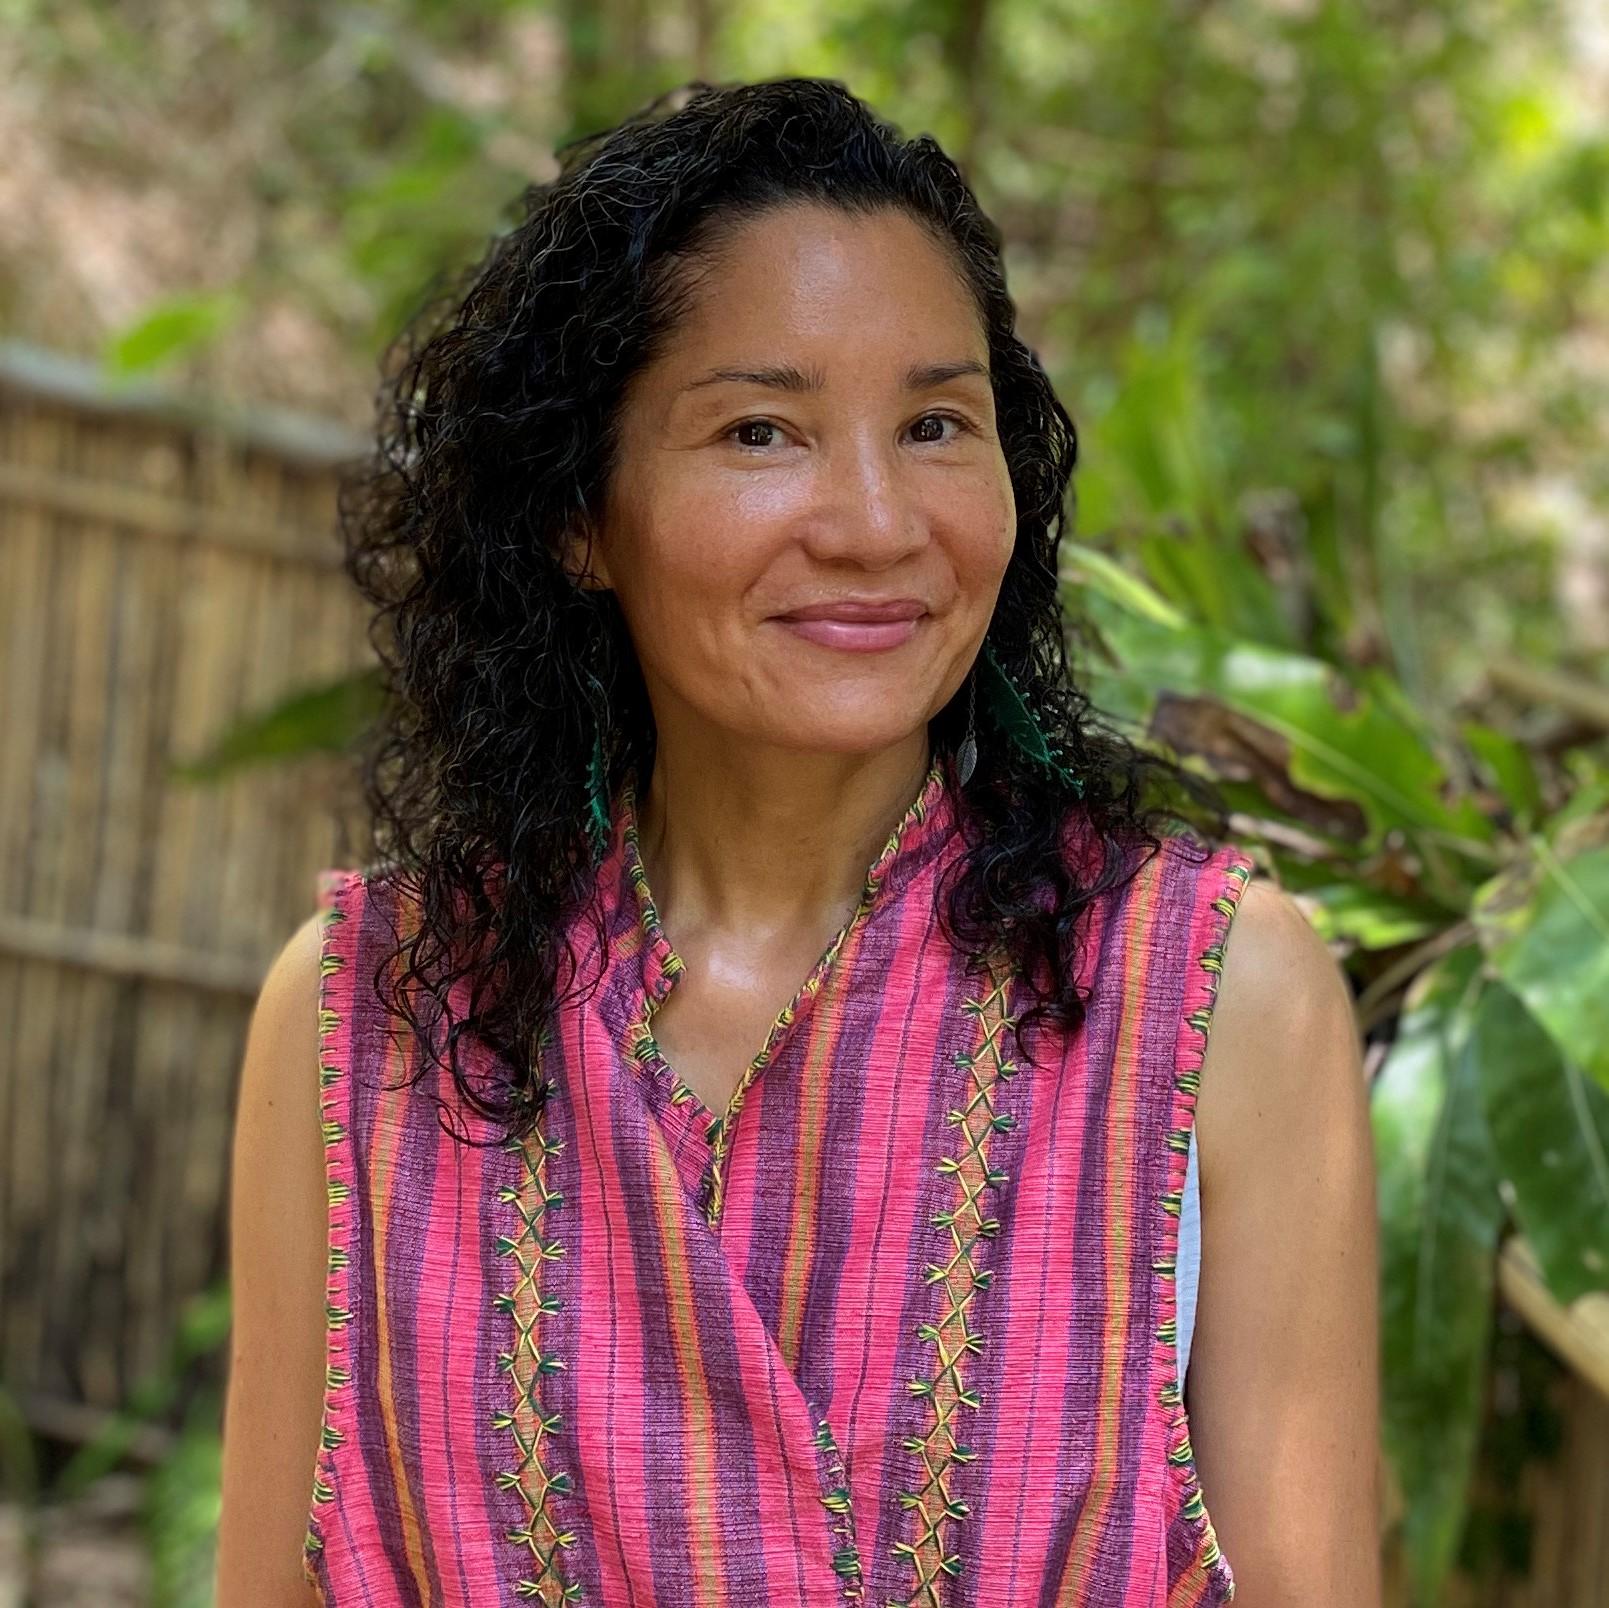 Karla Delgado